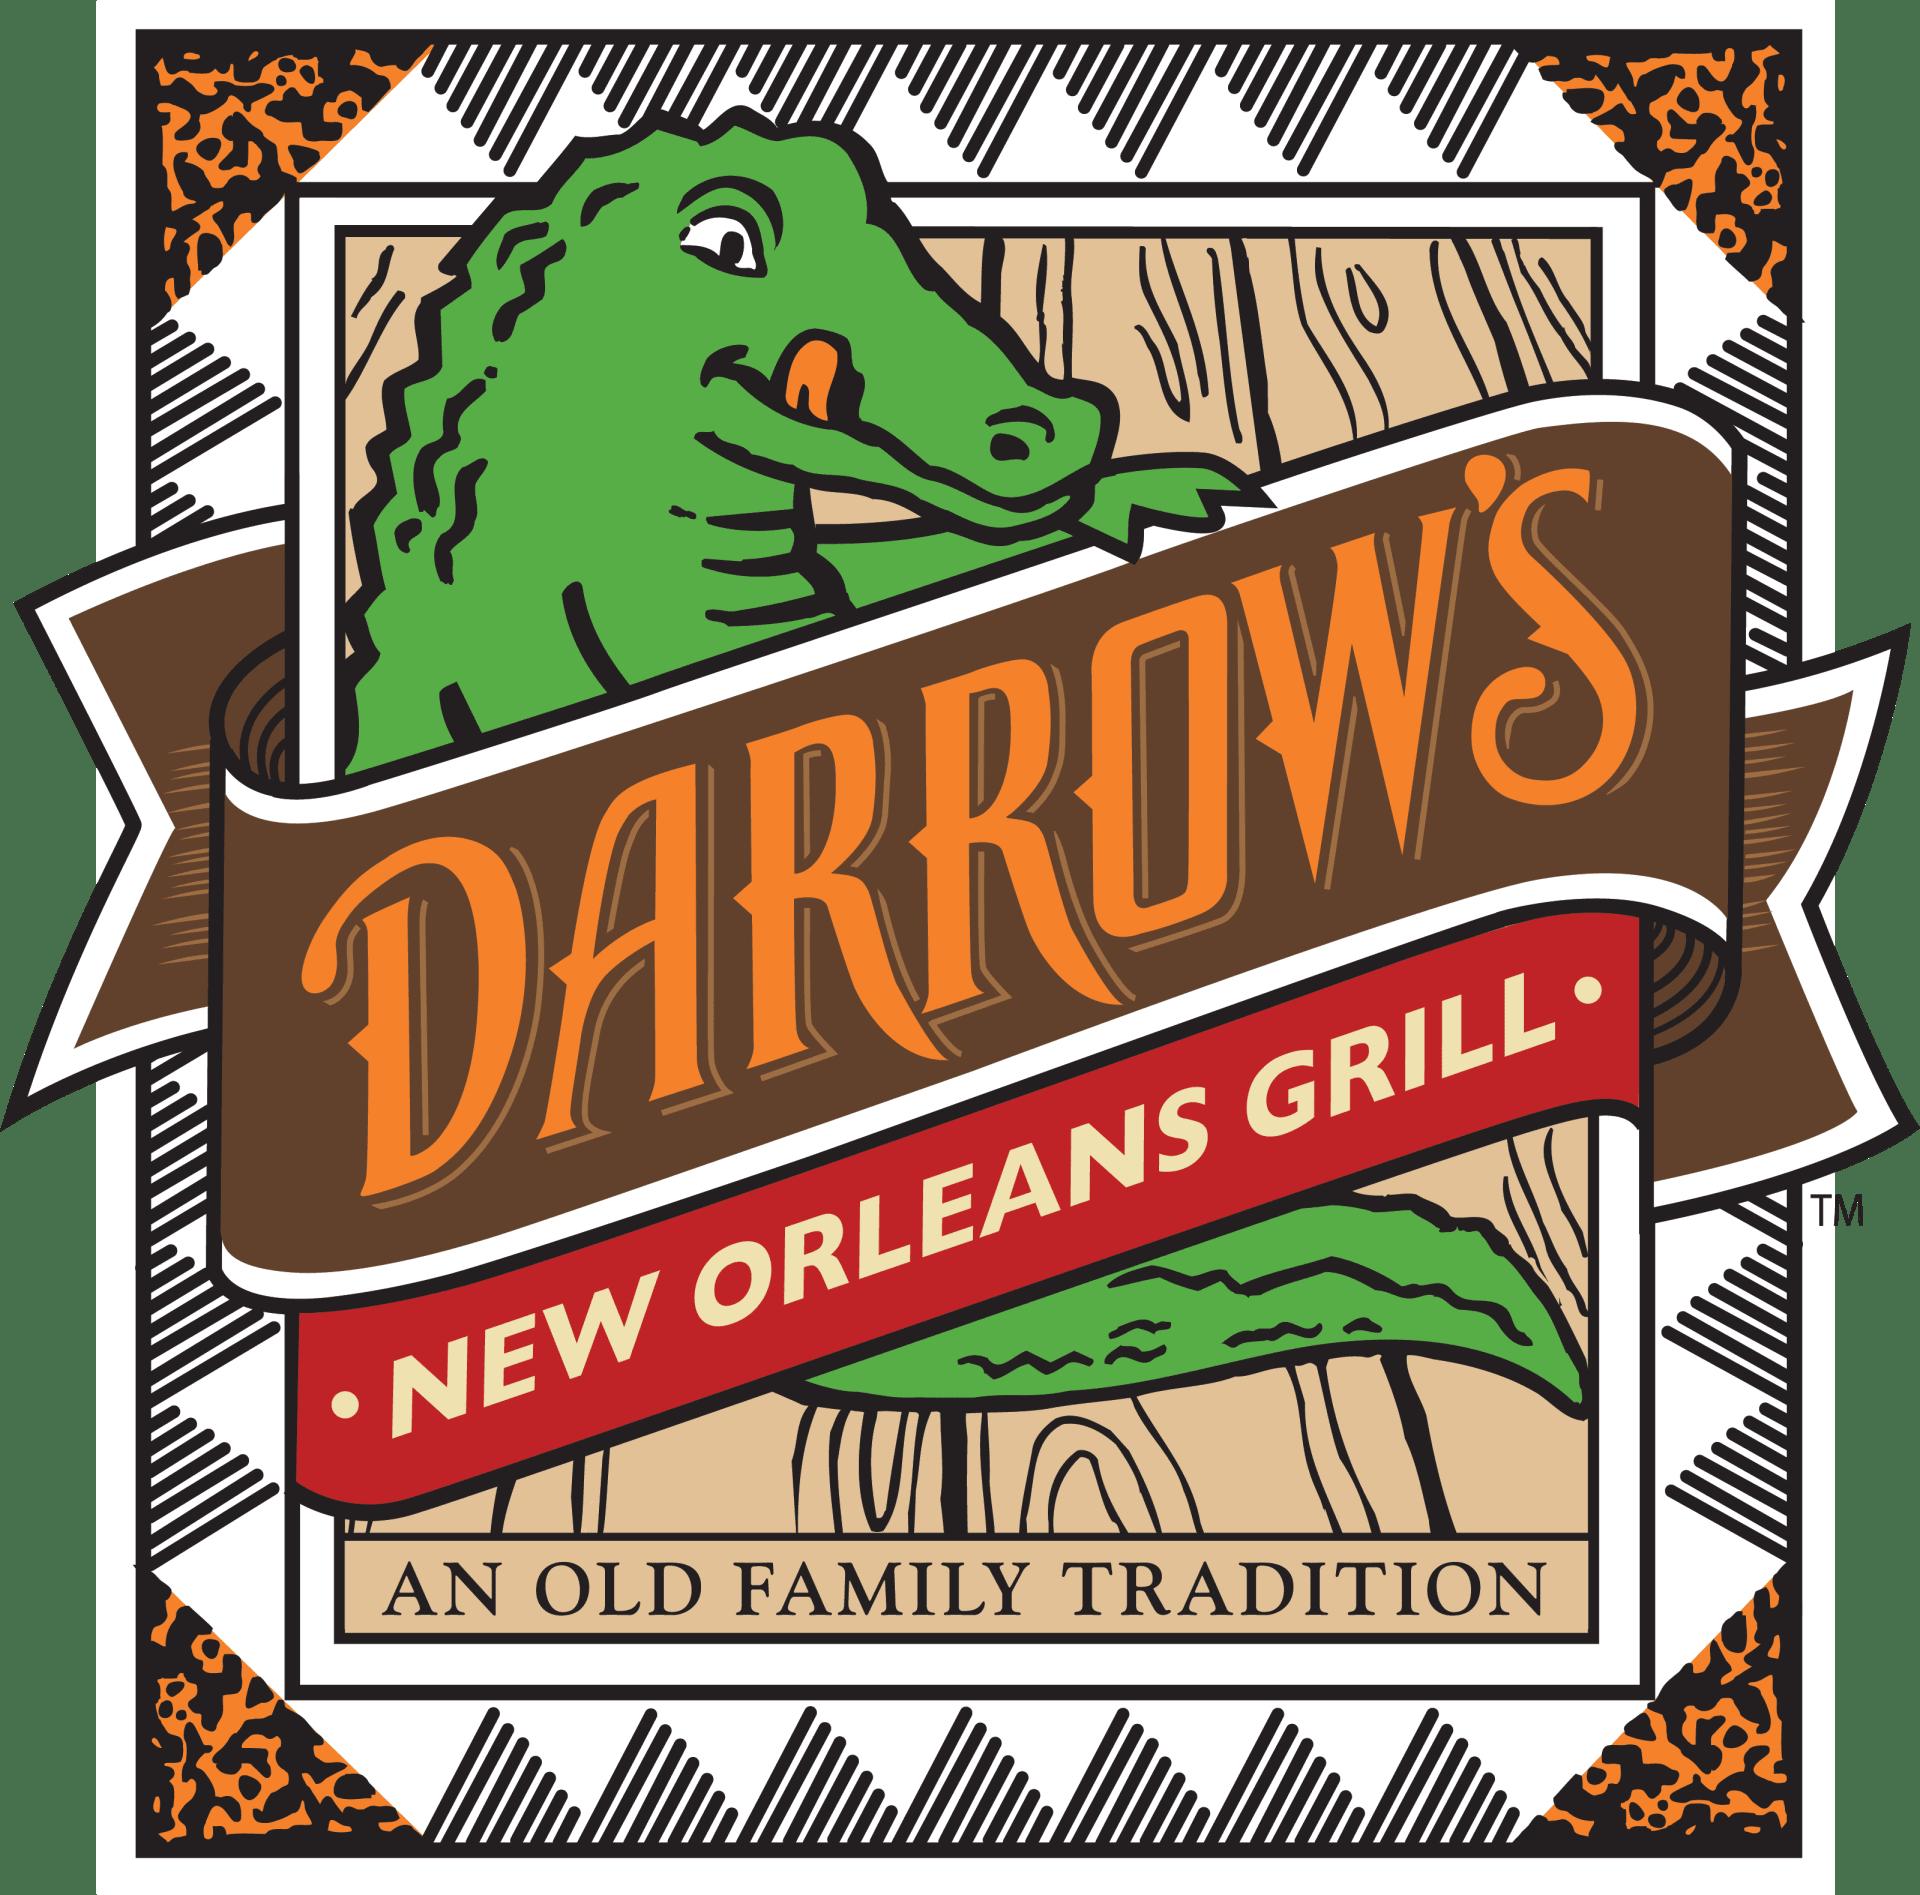 Darrow's logo